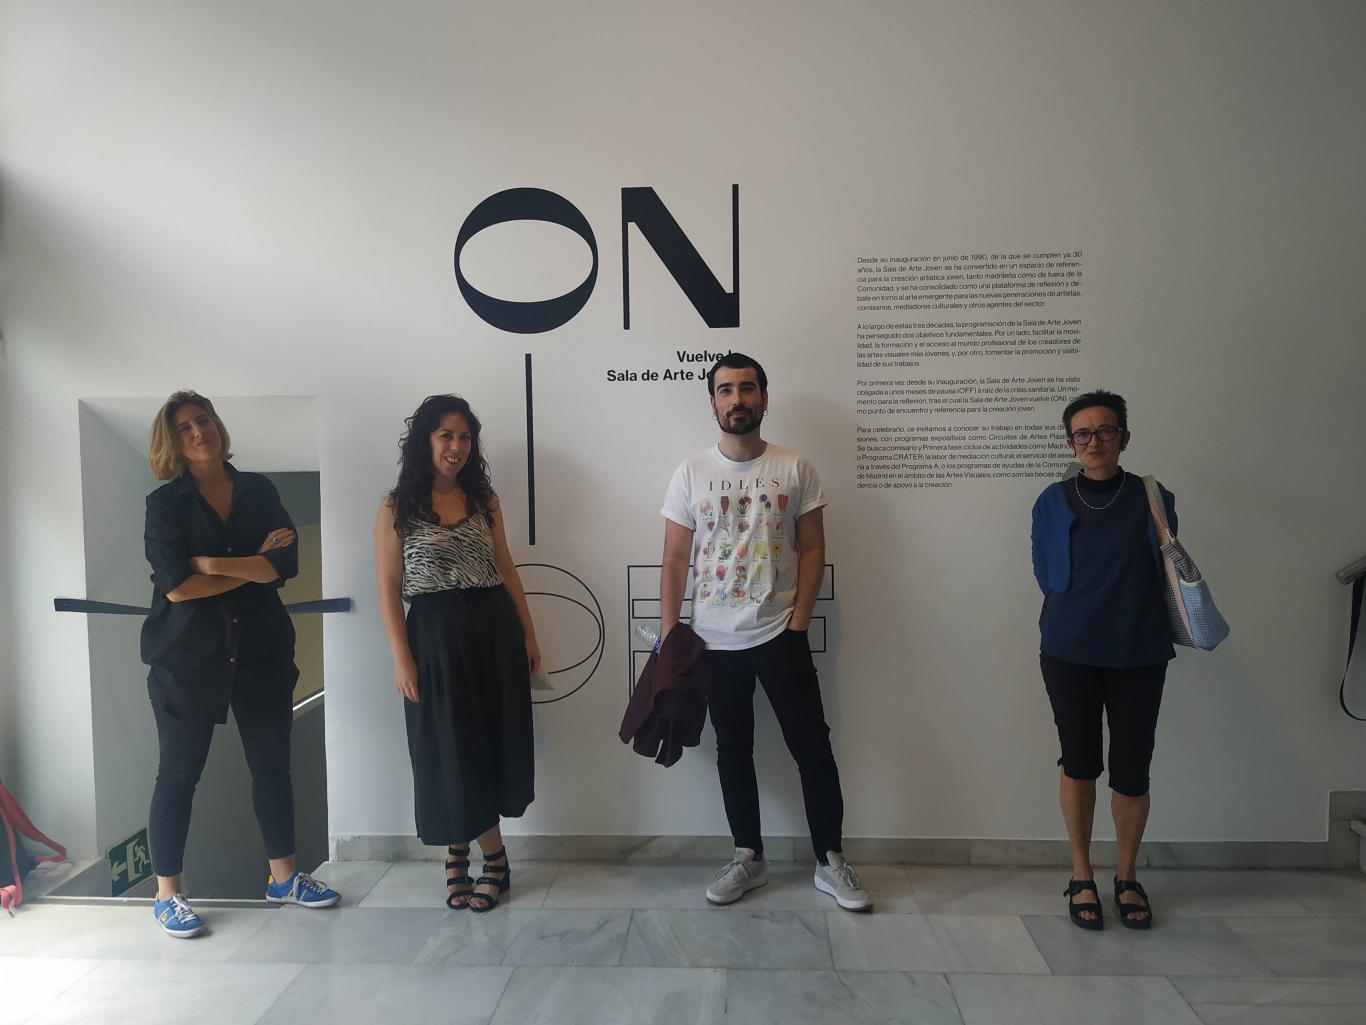 Foto de grupo de Virginia Torrente, Javier Rodríguez Lozano, Cristina Mejías y Emma Trinidad.